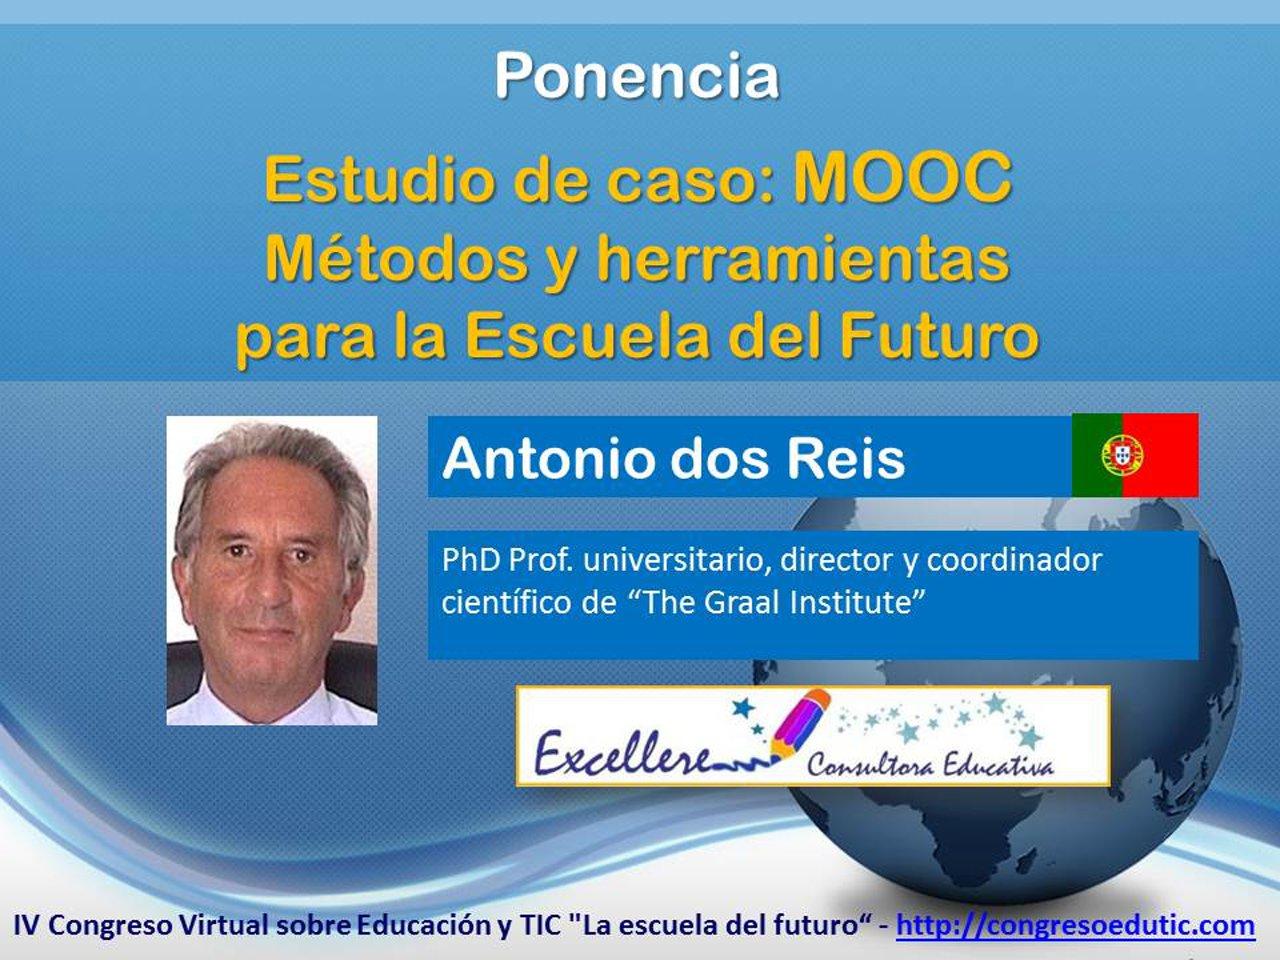 Ponencia de Antonio Dos Reis: MOOC Métodos y herramientas para la Escuela del Futuro